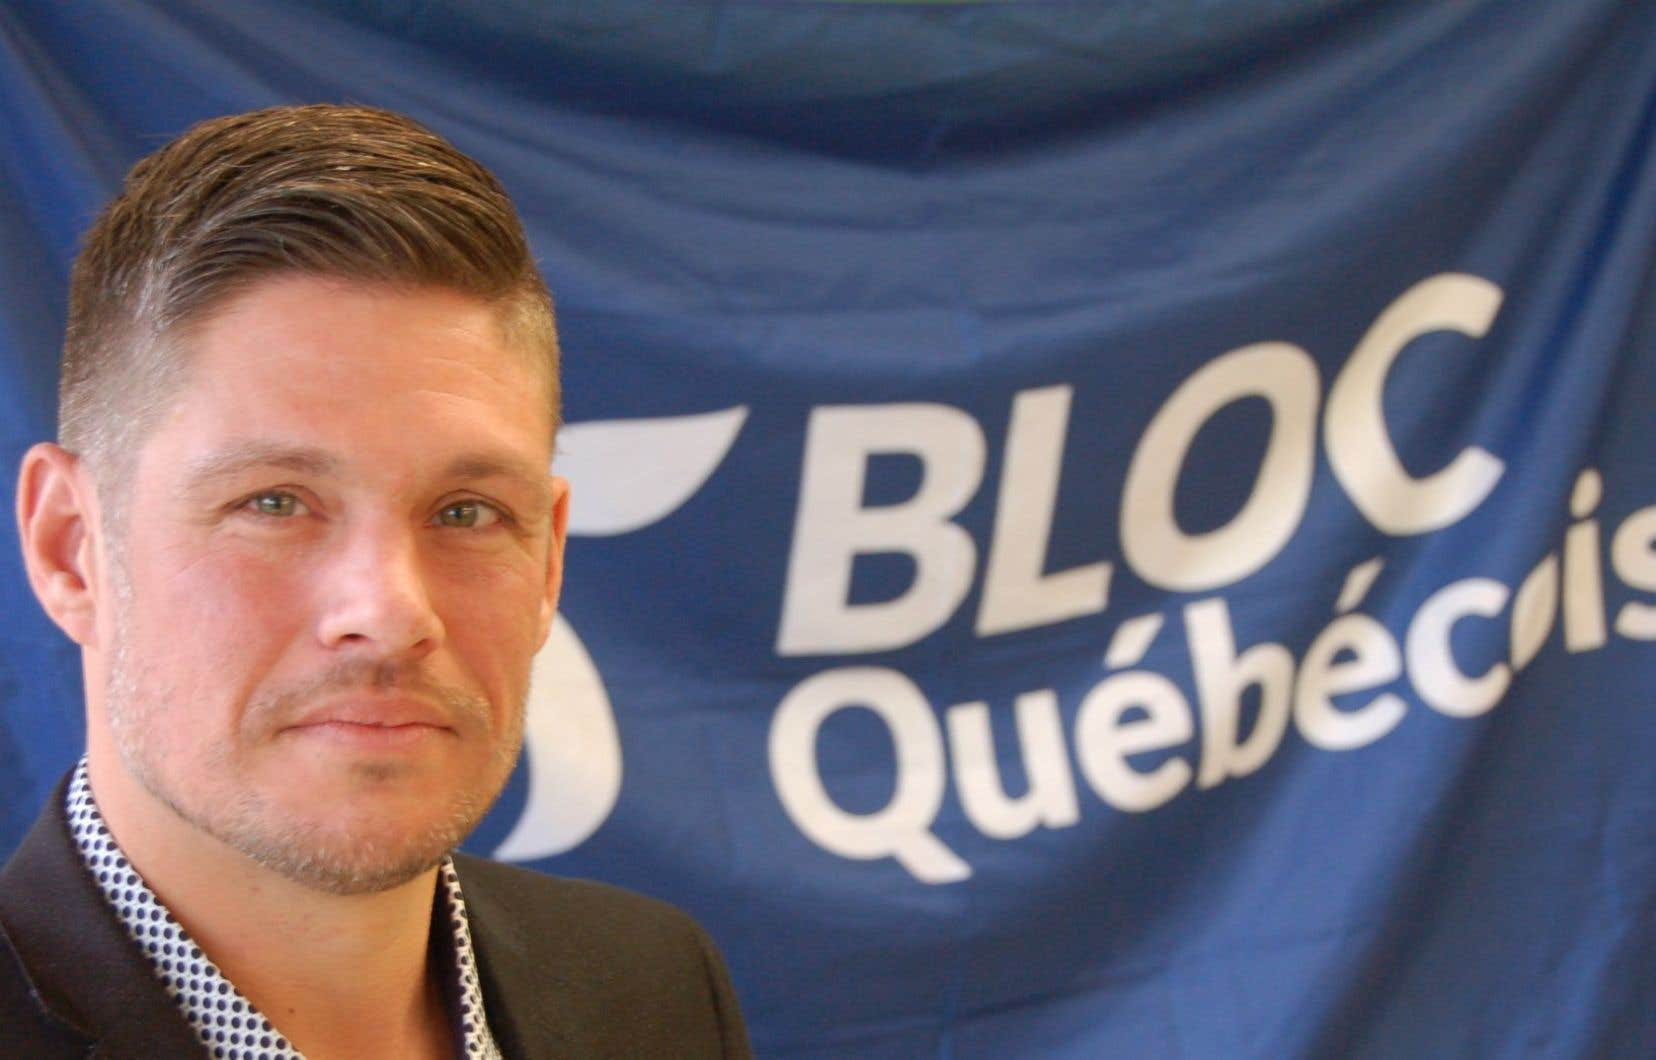 ChristianHébert, un producteur de cidre de la région de Portneuf, était candidat pour le Parti Québécois lors de la dernière élection. Il a aussi été candidat lors de la dernière course à la chefferie du Bloc Québécois.